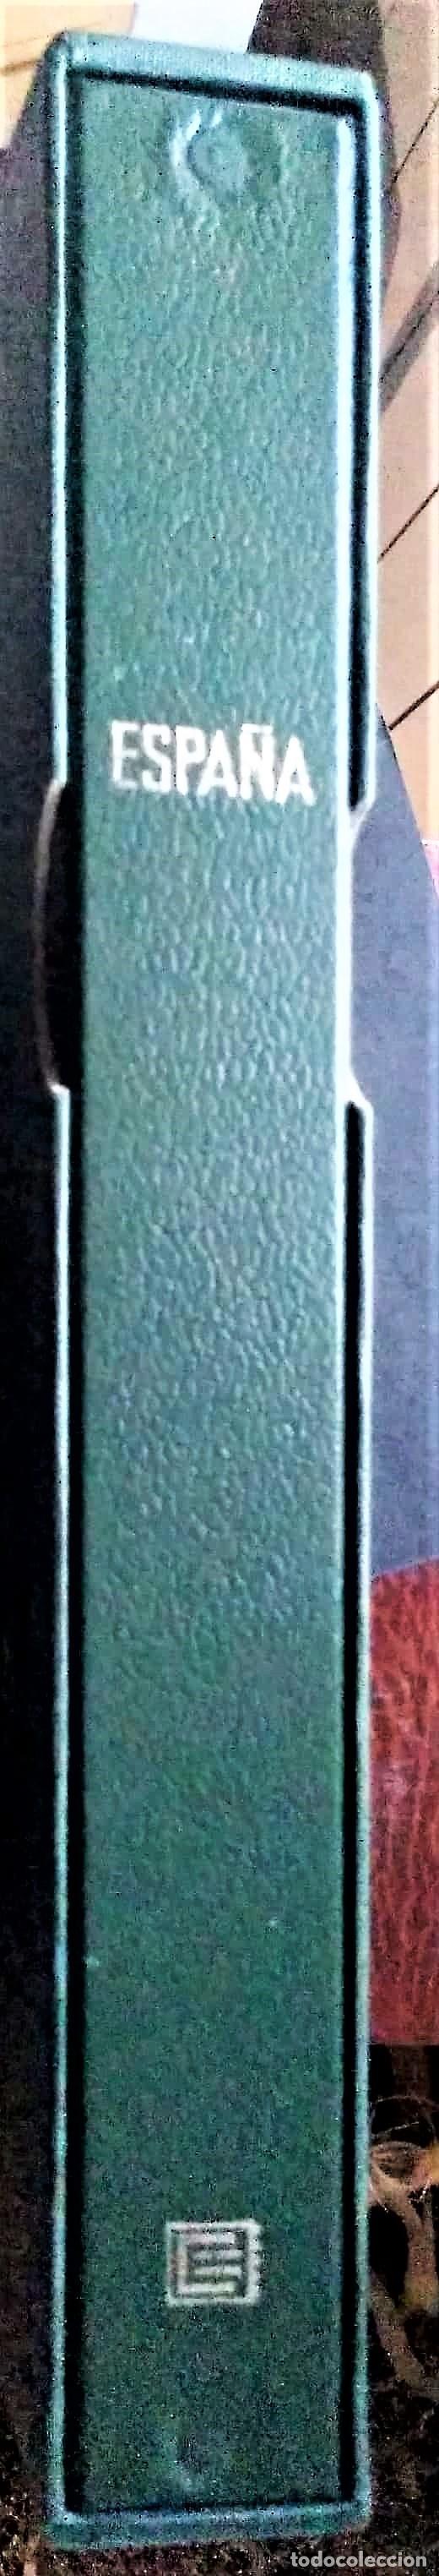 ÁLBUM DE SELLOS EDIFIL, COLOR VERDE Y TÍTULO ESPAÑA + CAJETÍN PROTECTOR. NUEVO (Sellos - Material Filatélico - Álbumes de Sellos)